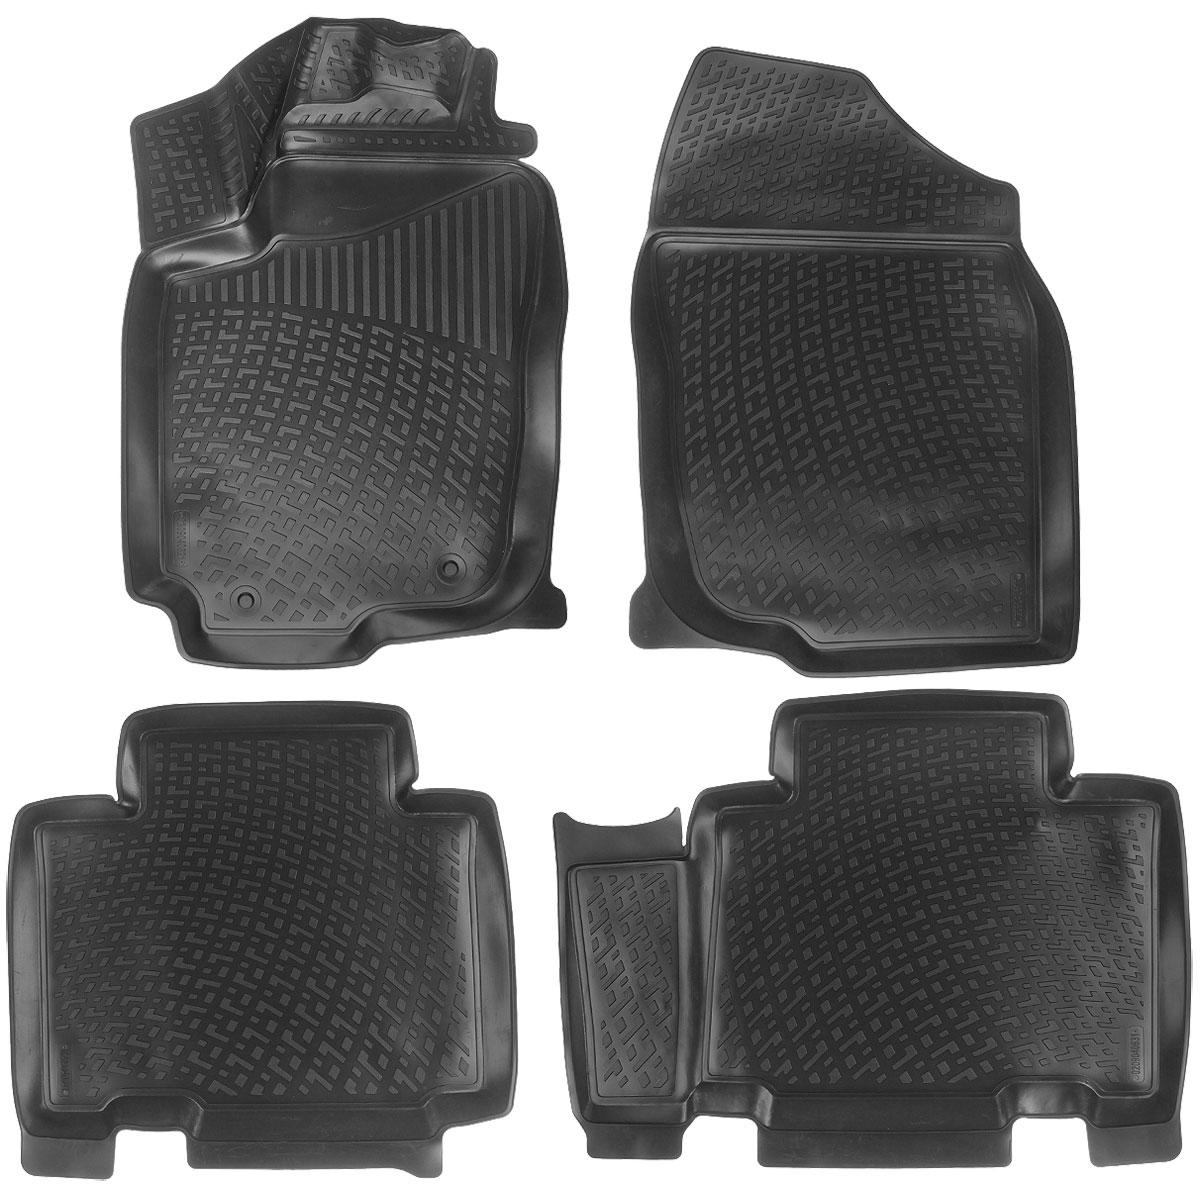 Набор автомобильных ковриков L.Locker Toyota RAV4 IV 2012, в салон, 4 шт0209040601Набор L.Locker Toyota RAV4 IV 2012, изготовленный из полиуретана, состоит из 4 антискользящих 3D ковриков, которые производятся индивидуально для каждой модели автомобиля. Изделие точно повторяет геометрию пола автомобиля, имеет высокий борт, обладает повышенной износоустойчивостью, лишено резкого запаха и сохраняет свои потребительские свойства в широком диапазоне температур от -50°С до +50°С. Набор подходит для автомобилей с 2012 года выпуска. Комплектация: 4 шт.Размер ковриков: 81 см х 55 см; 80 см х 60 см; 62 см х 59 см; 78 см х 55 см.